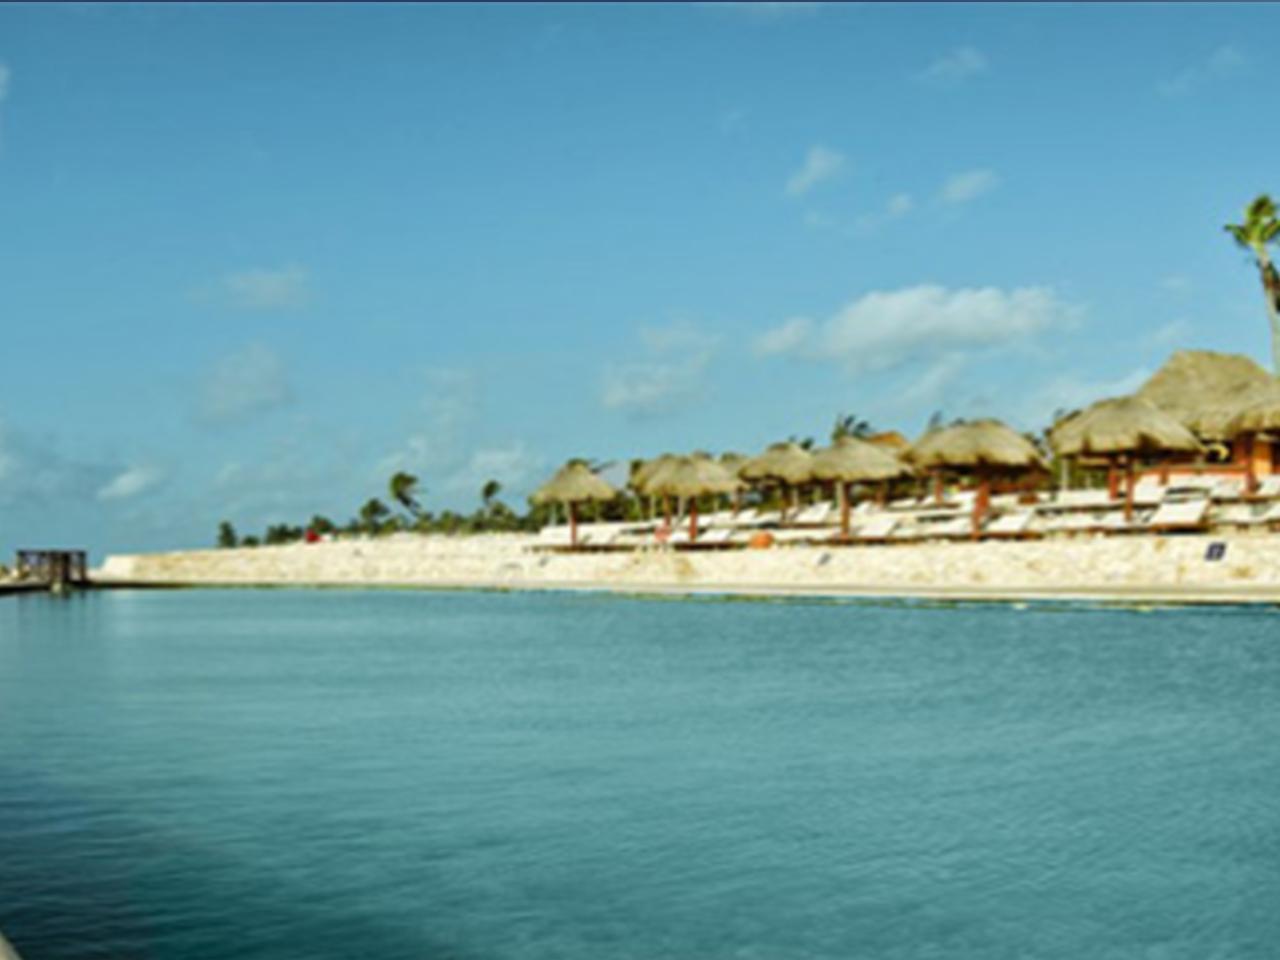 wedding Planner en Monterrey, Boda en la playa, Las mejores bodas en la playa en México -wedding Planner en Monterrey, Boda en la playa, Las mejores bodas en la playa en México -Paquete 2: 76 personas